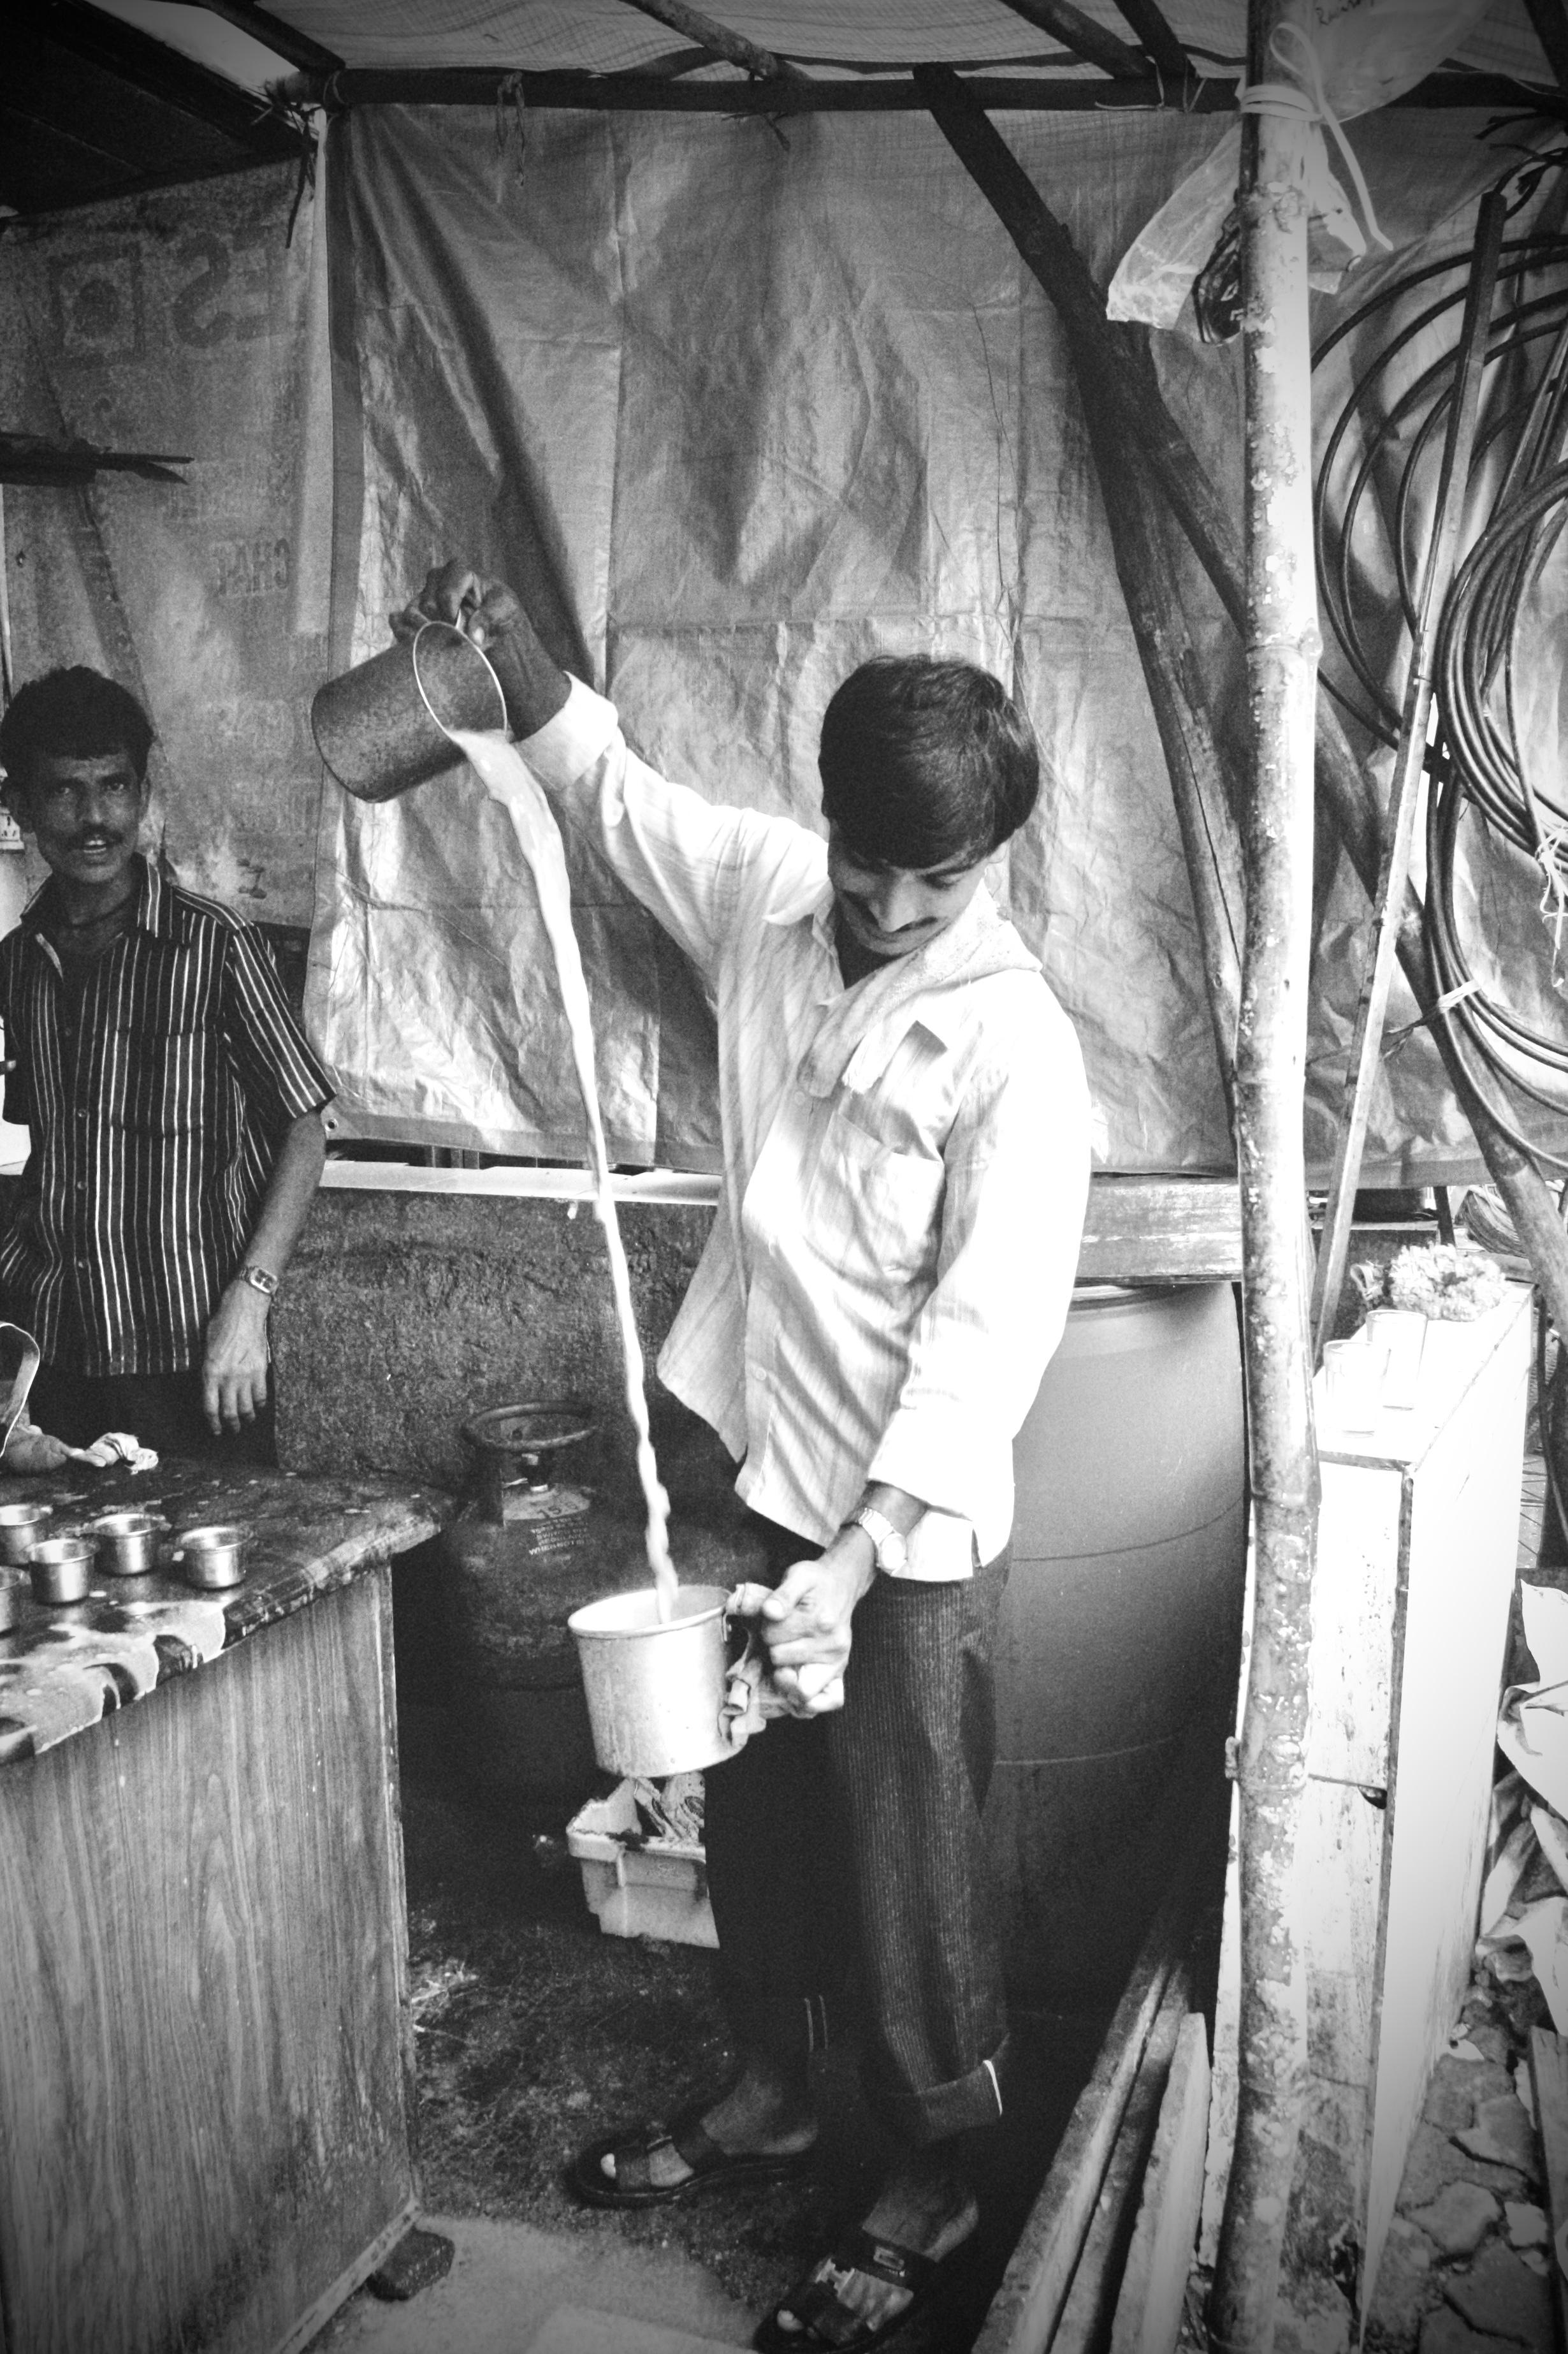 Mumbai chaiwalla